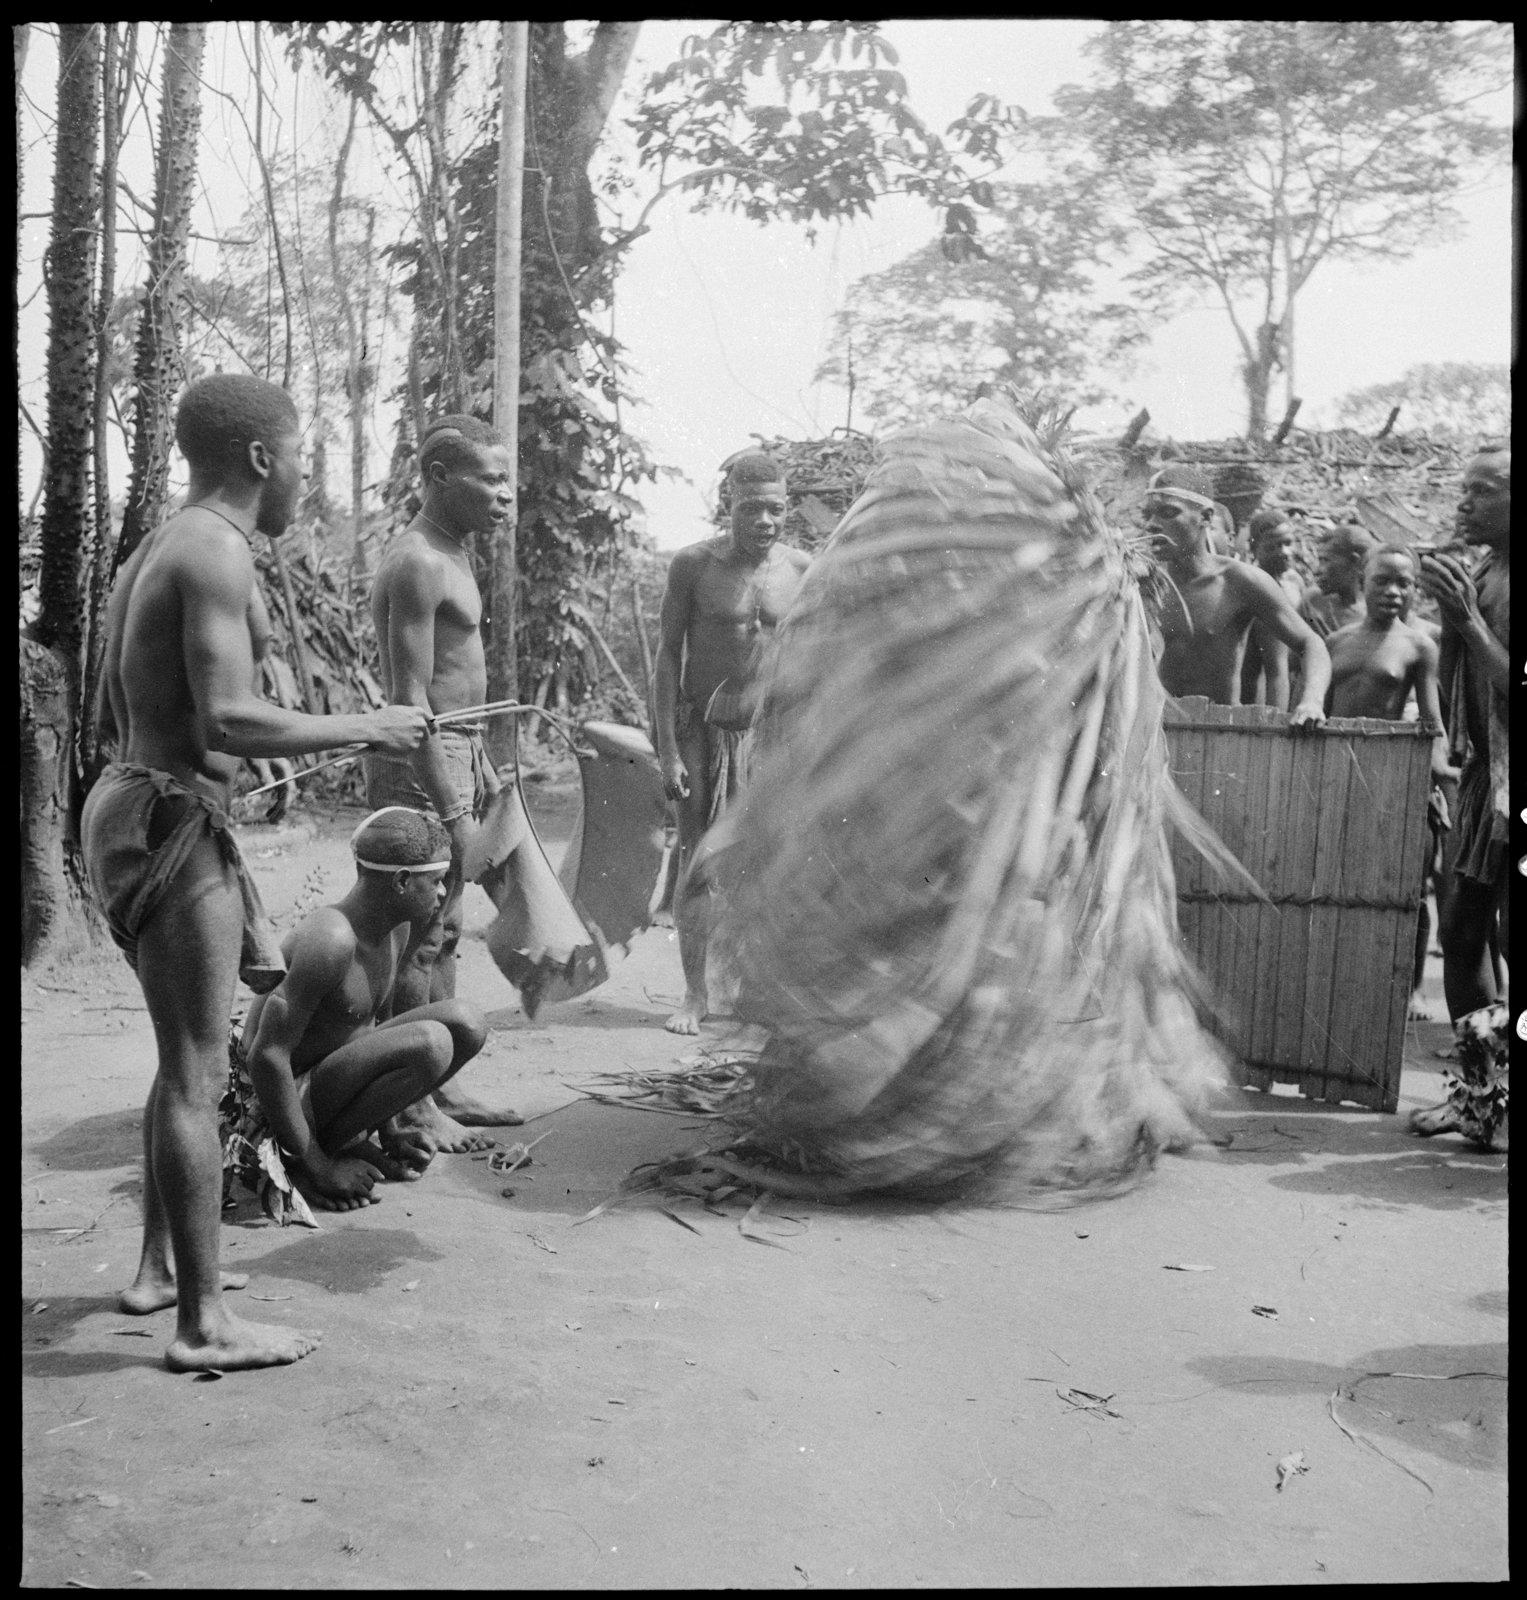 La cérémonie 'Edzingi', Bangombé (Moyen-Congo), André Didier, CNRS-CREM, CC BY-NC-ND